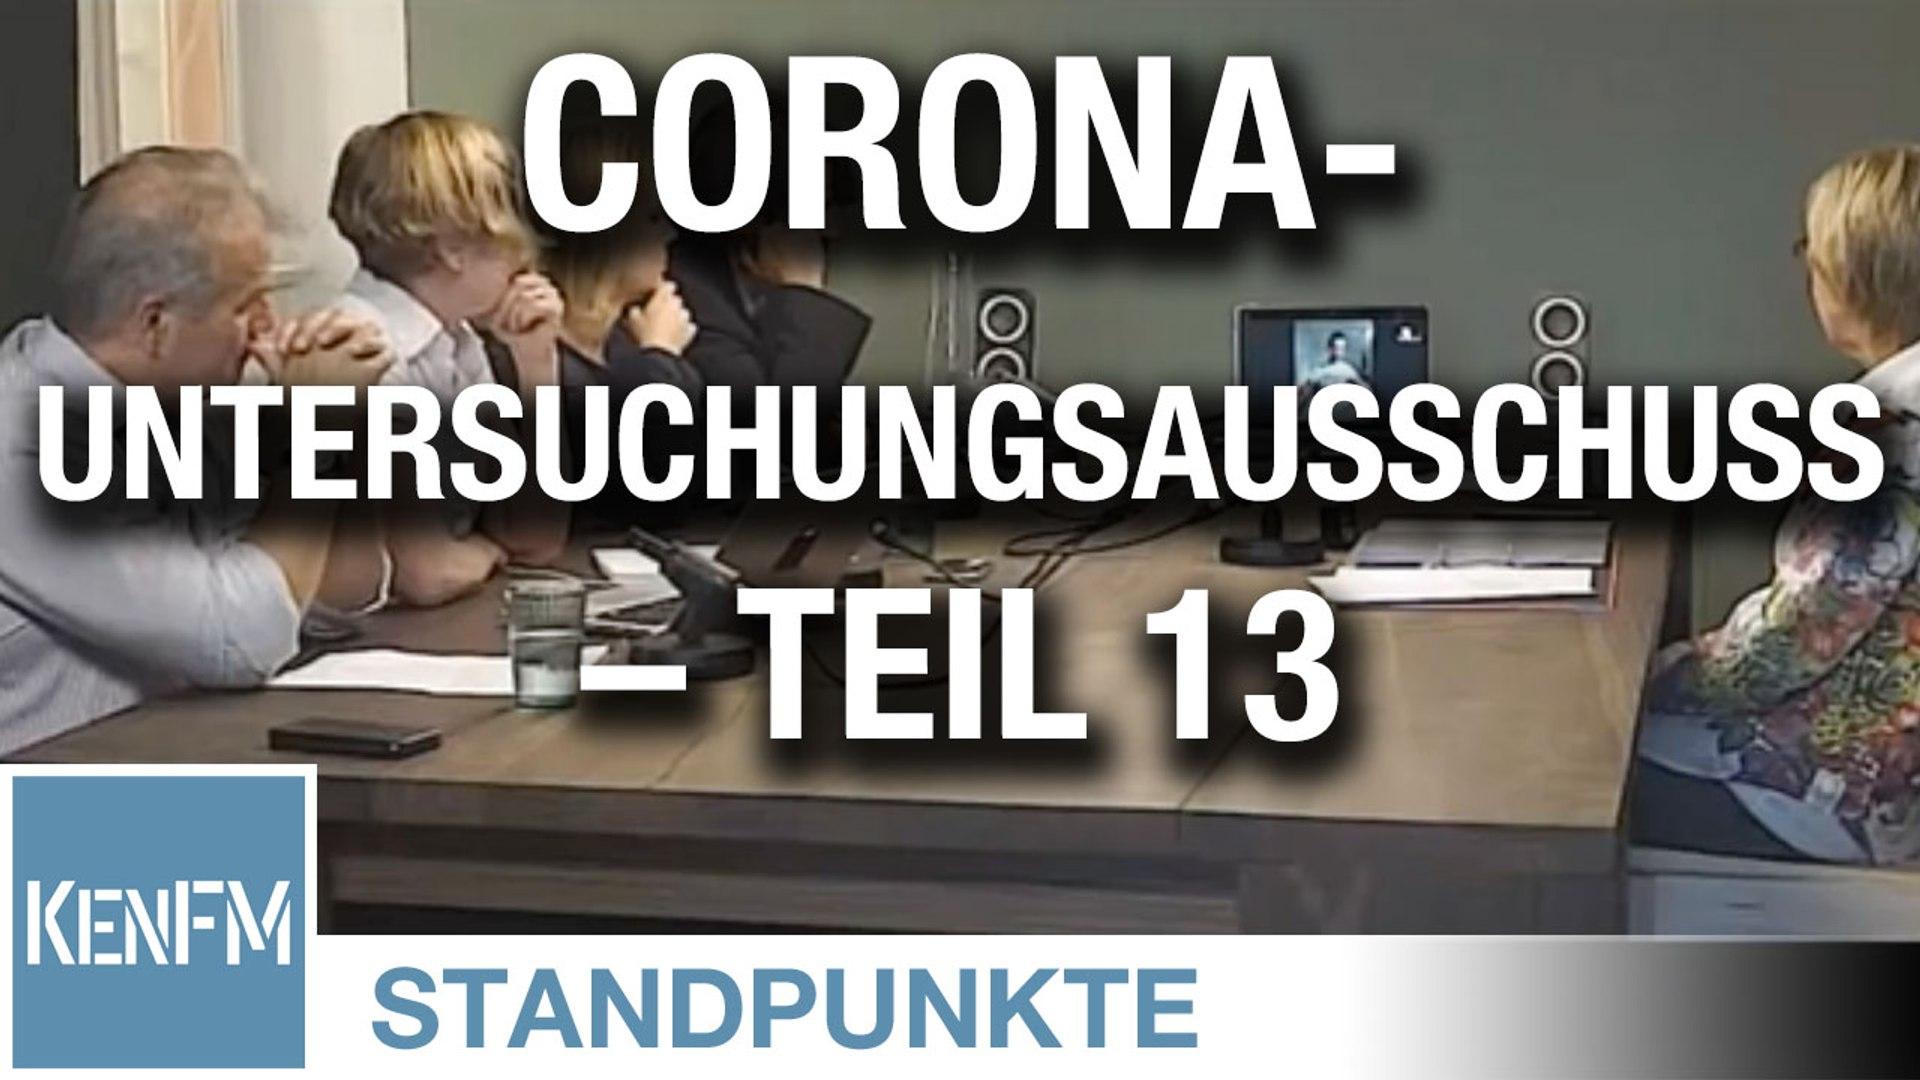 Corona-Untersuchungsausschuss – Teil 13 | Von Jochen Mitschka